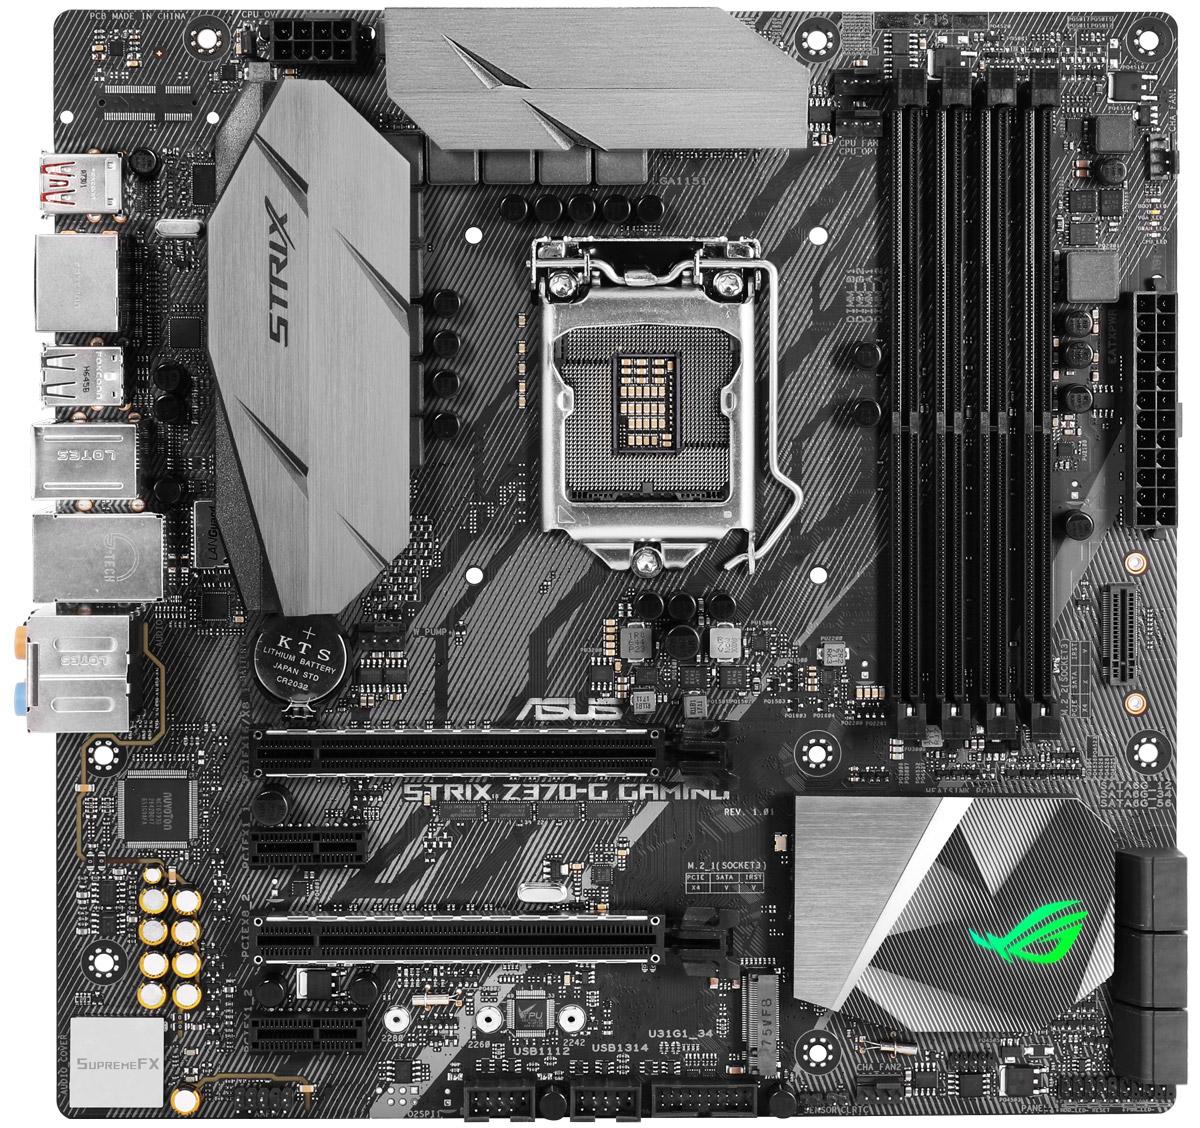 ASUS ROG Strix Z370-G Gaming материнская плата90MB0W00-M0EAY0Материнская плата формата micro-ATX с чипсетом Intel Z370, синхронизируемой подсветкой Aura и современными интерфейсамиСмелый и агрессивный дизайн, эксклюзивная функциональность геймерской серии ROG и поддержка новейших процессоров Intel Core восьмого поколения – все это есть у материнских плат ASUS серии ROG Strix Z370, которые готовы предложить своим пользователям высокую производительность, дополненную широкими возможностями по разгону комплектующих. Модель ROG Strix Z370-G Gaming заворожит вас своим высококачественным звуком SupremeFX и красочной подсветкой Aura и превзойдет все ваши ожидания о том, какой скорости можно добиться в современных играх!Созданная для геймеров, которые хотят, чтобы их компьютер выглядел так же прекрасно, как и работал, материнская плата ROG Strix Z370-G Gaming обладает оригинальным дизайном и красочной встроенной подсветкой.ROG Strix Z370-G Gaming – это не только функциональная, но и невероятно красивая материнская плата, ведь она оснащается встроенной системой подсветки Aura с гибкой регулировкой. Причем визуальные эффекты можно синхронизировать с другими Aura-совместимыми устройствами, чтобы тем самым придать всему компьютеру еще большую яркость и индивидуальность.Технология ASUS Aura Sync дает возможность использовать вместе сразу несколько устройств со светодиодной подсветкой Aura, обеспечивая идеальную синхронизацию визуальных эффектов с единым центром управления из удобного приложения. С помощью Aura Sync вы сможете создать настоящую симфонию света и сделать внешний вид своего компьютера поистине уникальным!Все основные функции продуктов геймерской серии ROG имеются и у модели ROG Strix Z370-G Gaming. Они помогут вам раскрыть весь скоростной потенциал вашего компьютера.Найти правильные настройки компьютера для конкретных сценариев его работы стало предельно просто – достаточно воспользоваться функцией 5-сторонней оптимизации от ASUS.• Удобная утилита автоматически опти